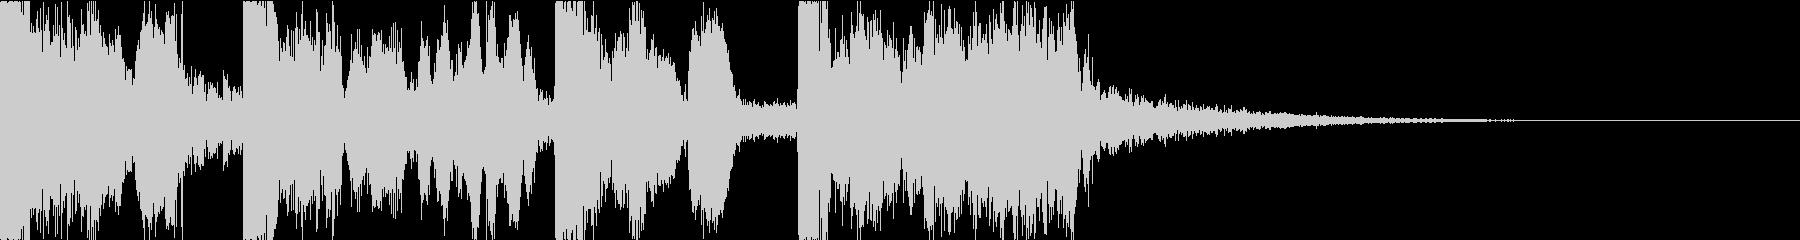 ボーカルチョップのお洒落ポップジングル♫の未再生の波形